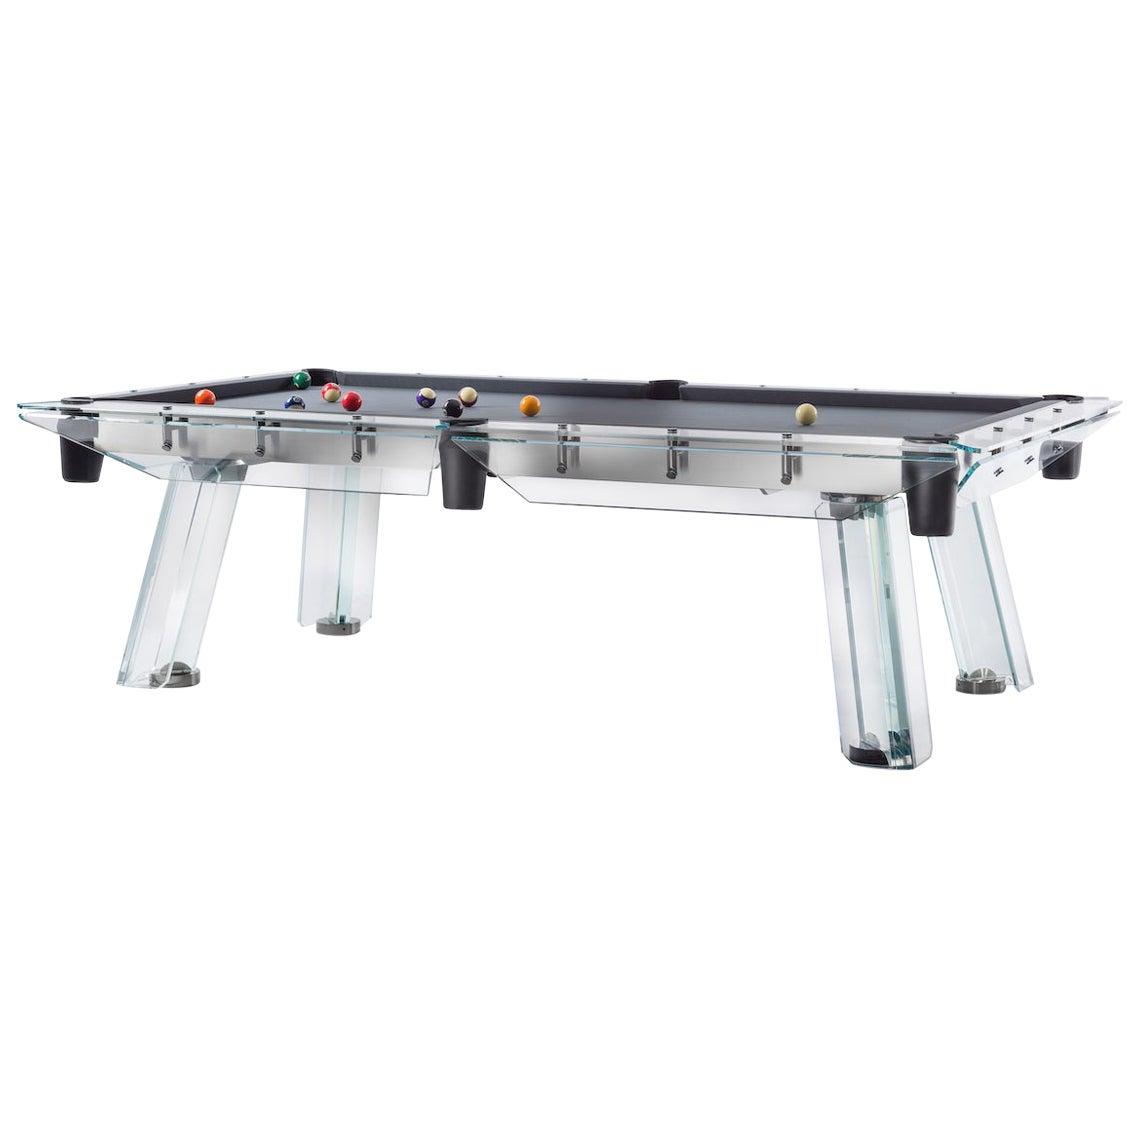 Filotto Classic, Contemporary Design Pool Table/ Billiard Table by Impatia